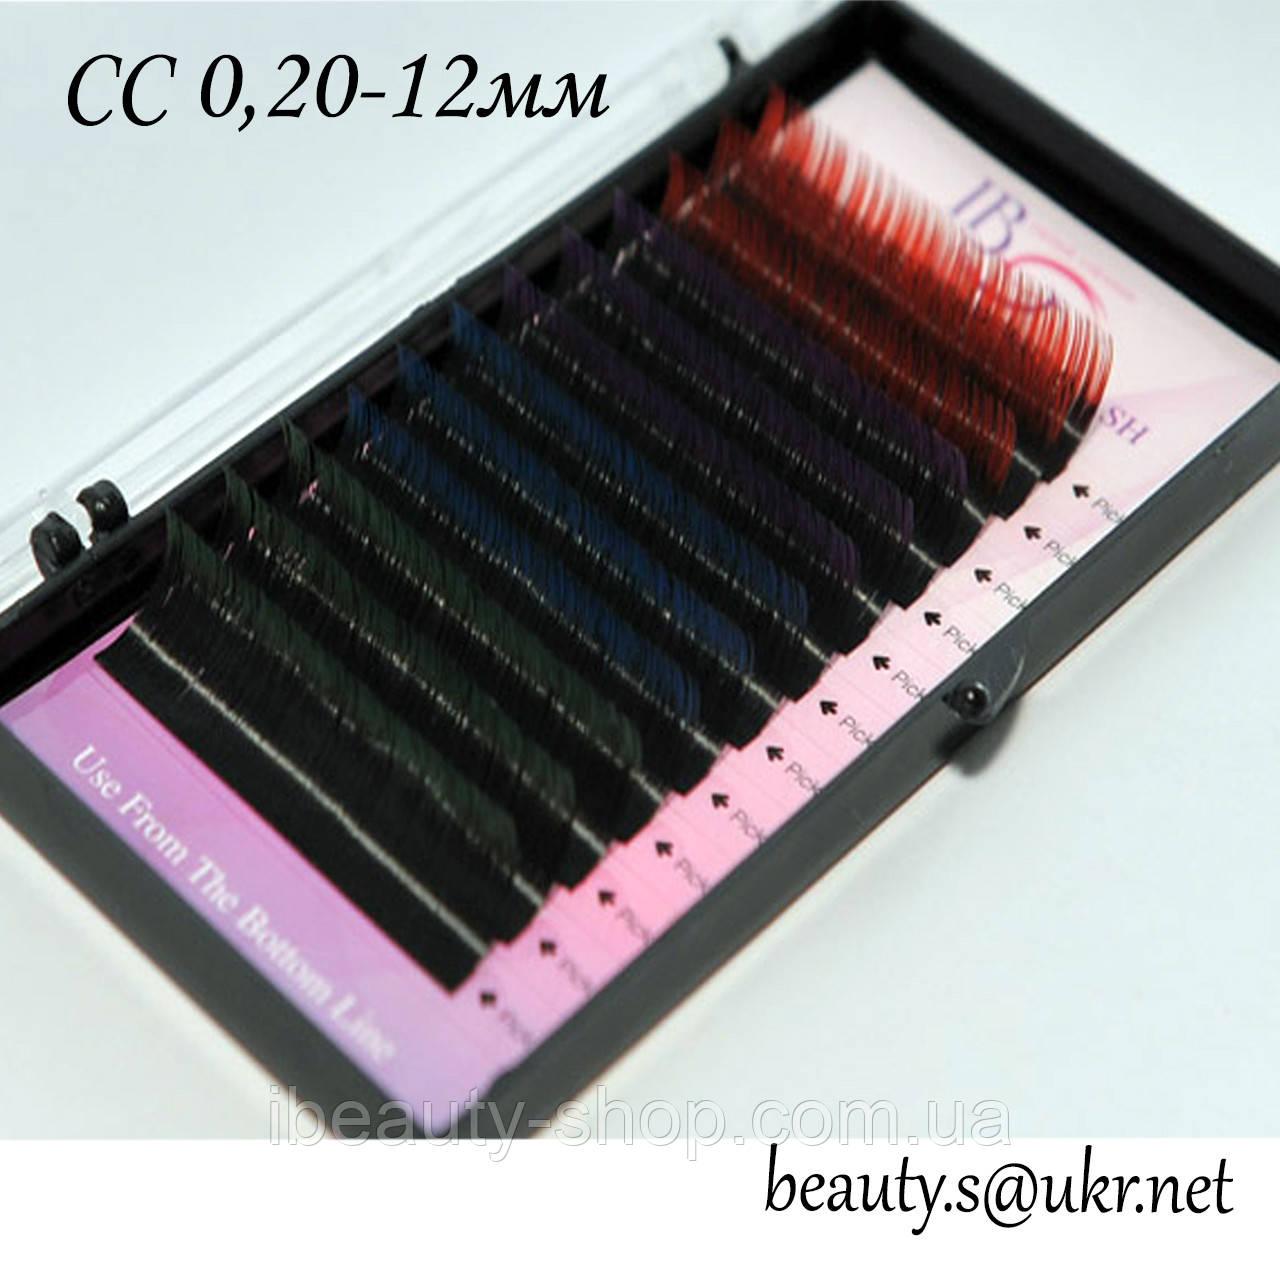 Ресницы I-Beauty, CC 0,20-12мм,цветные концы,4 цвета